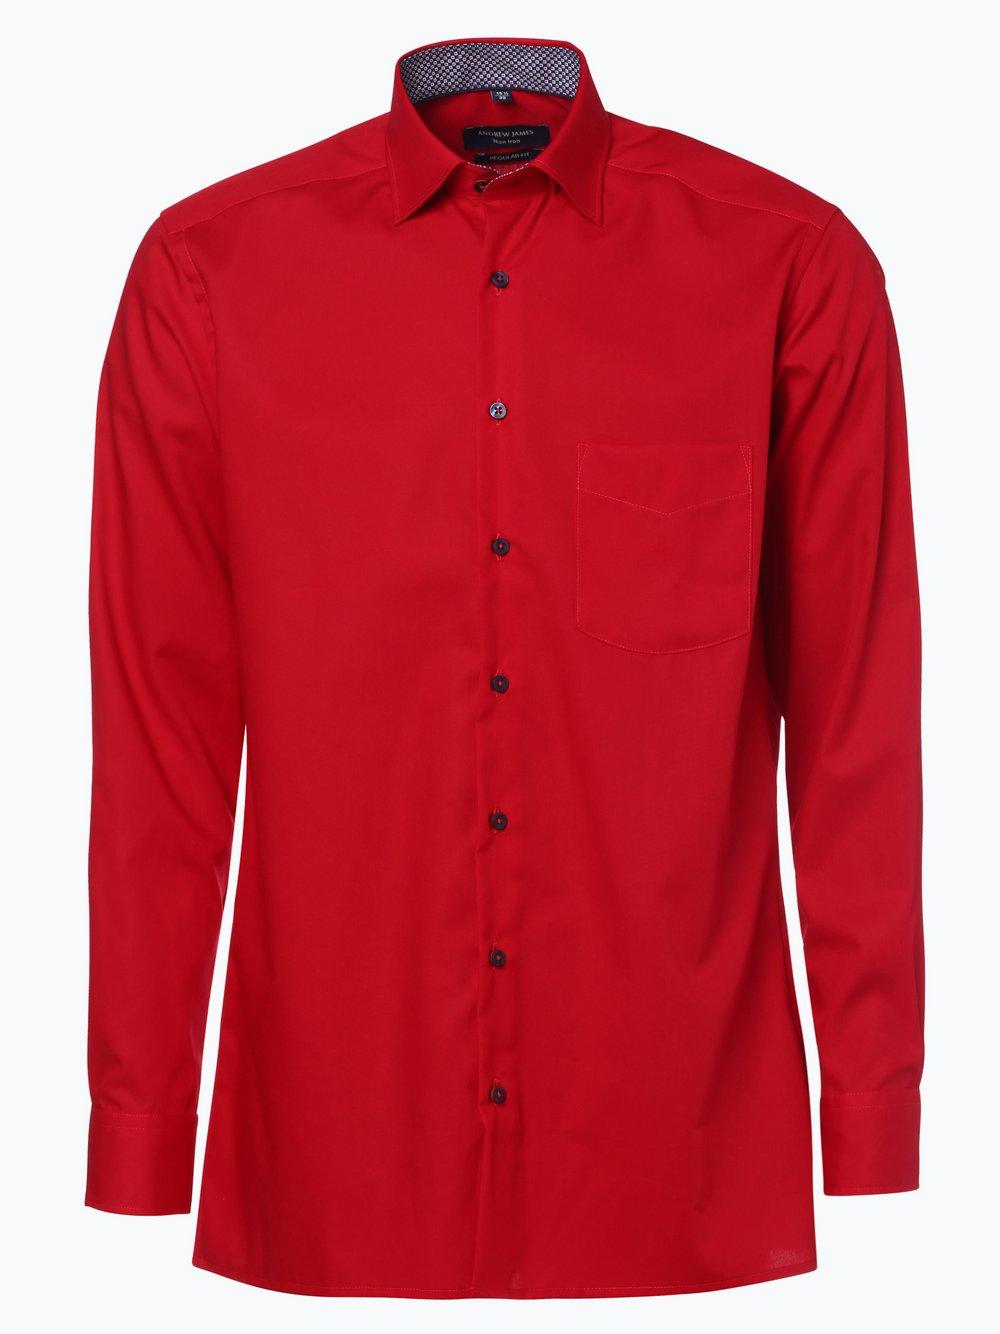 763310bf14e256 Andrew James Herren Hemd Bügelfrei online kaufen | PEEK-UND ...